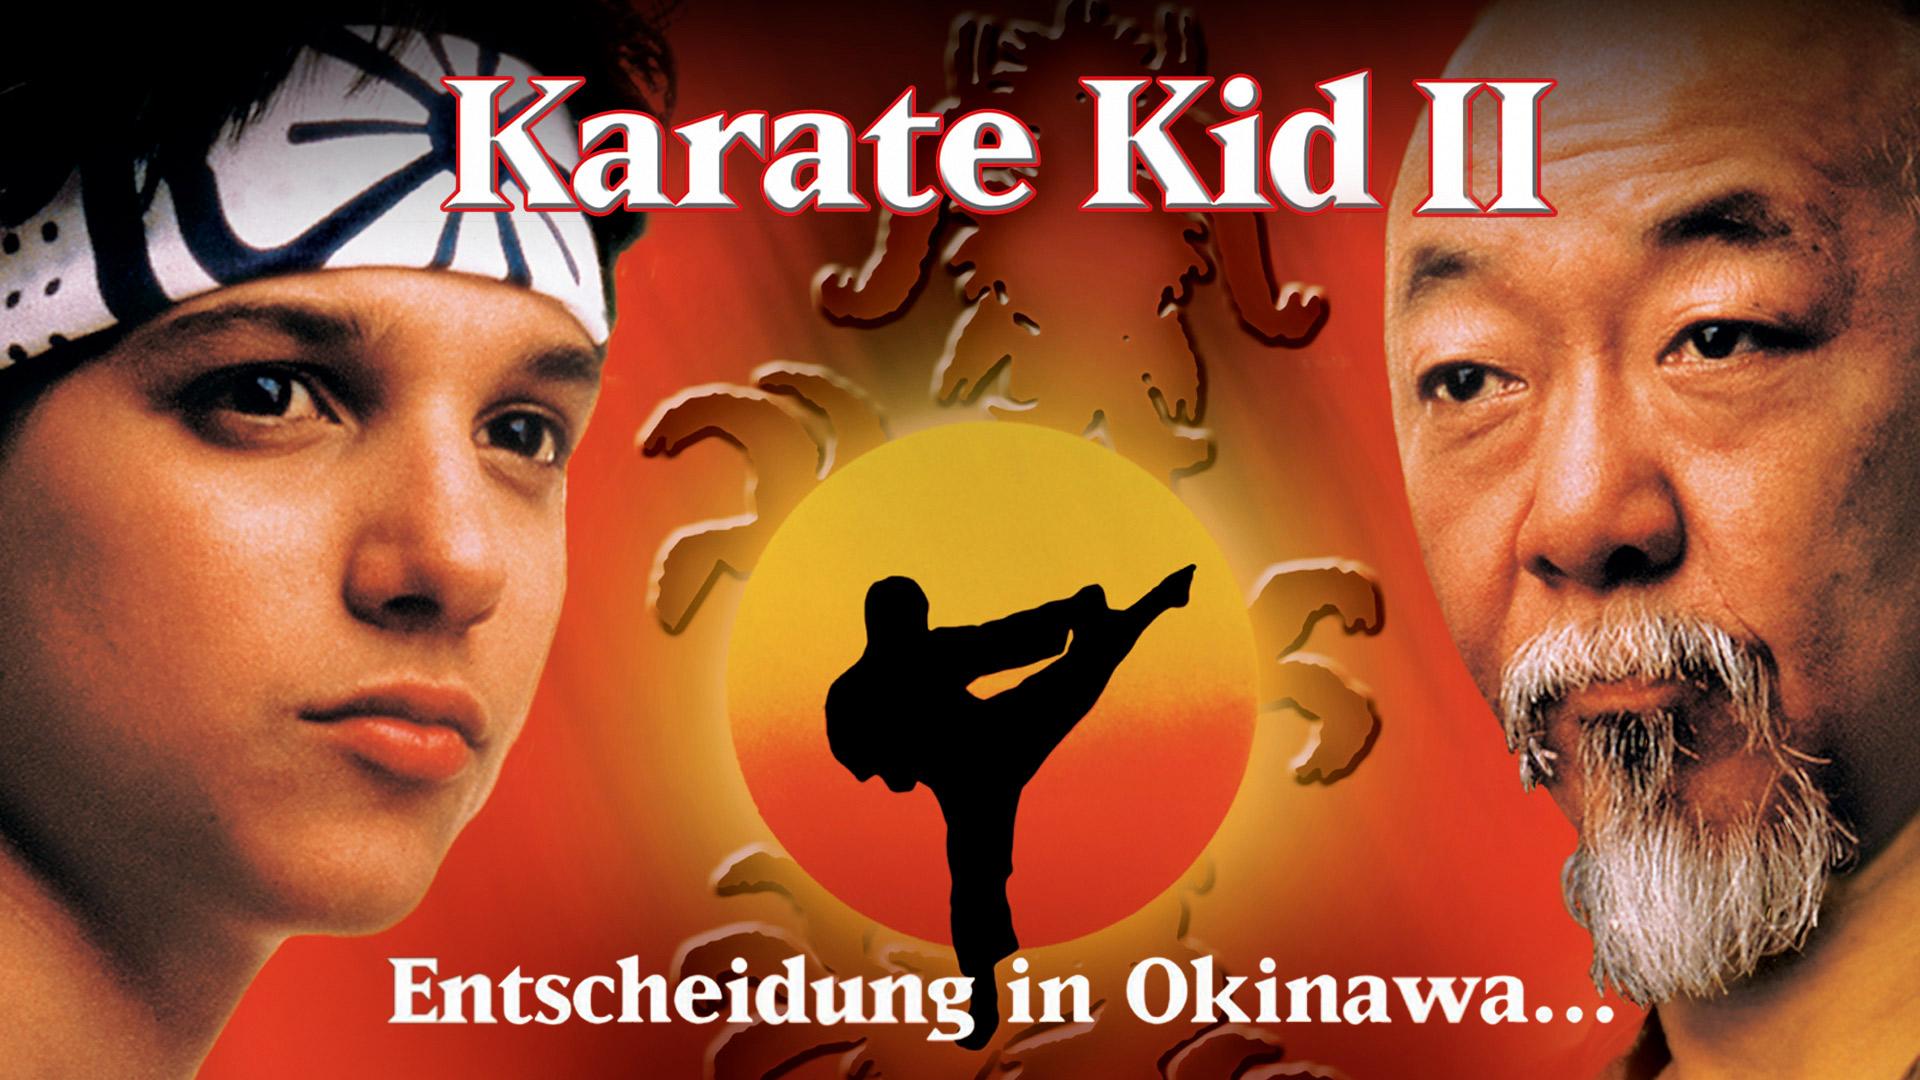 Karate Kid II - Entscheidung in Okinawa...